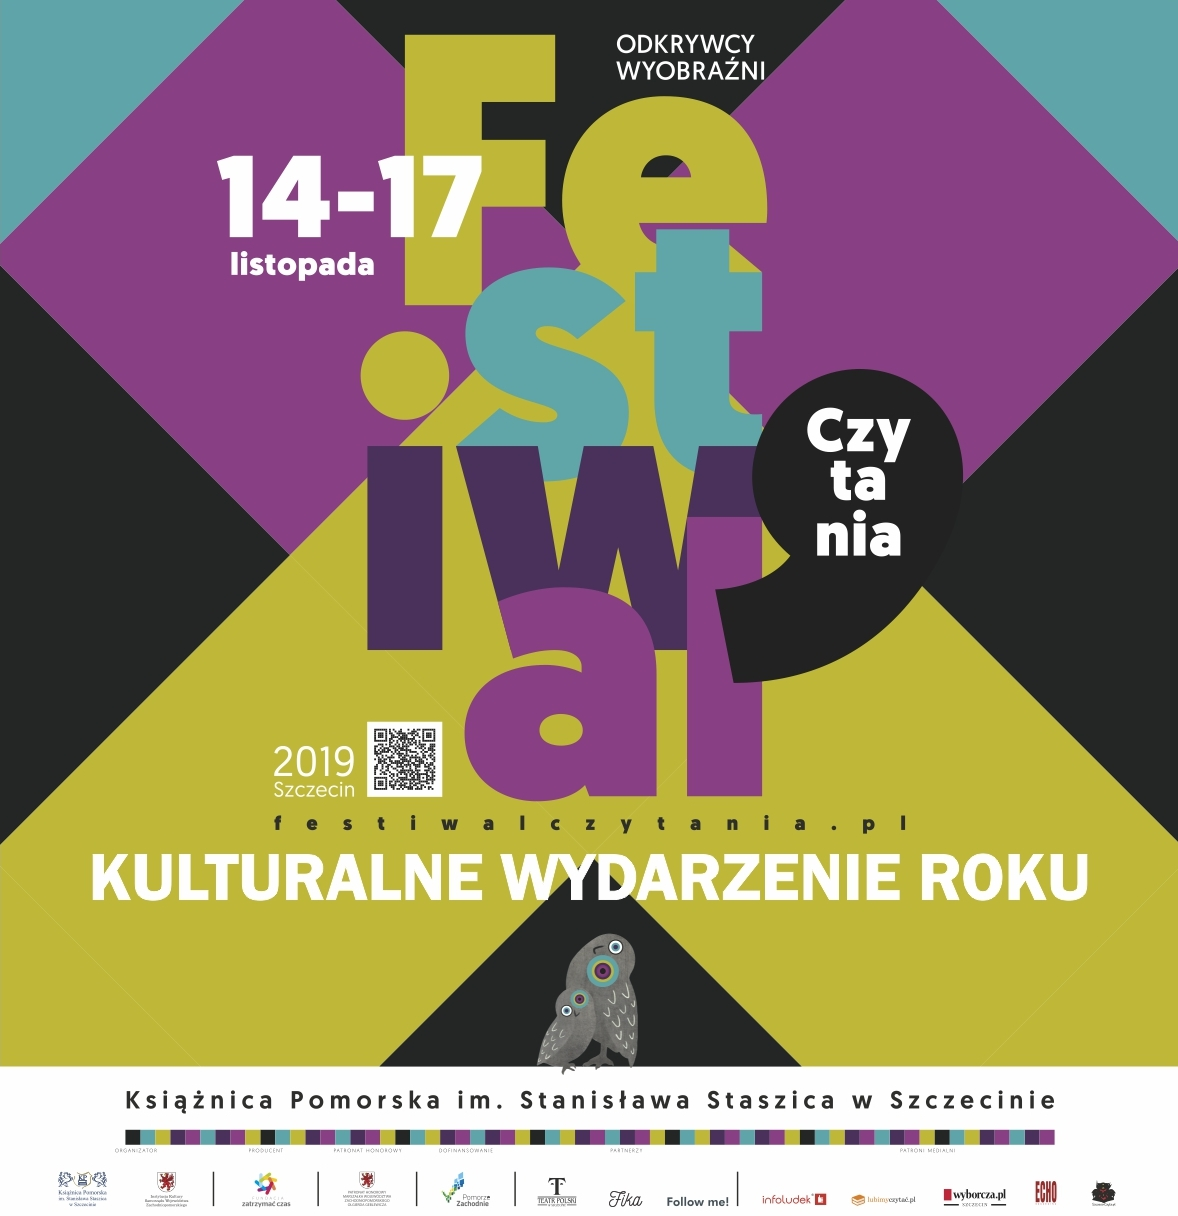 7. Festiwal Czytania Odkrywcy Wyobraźni